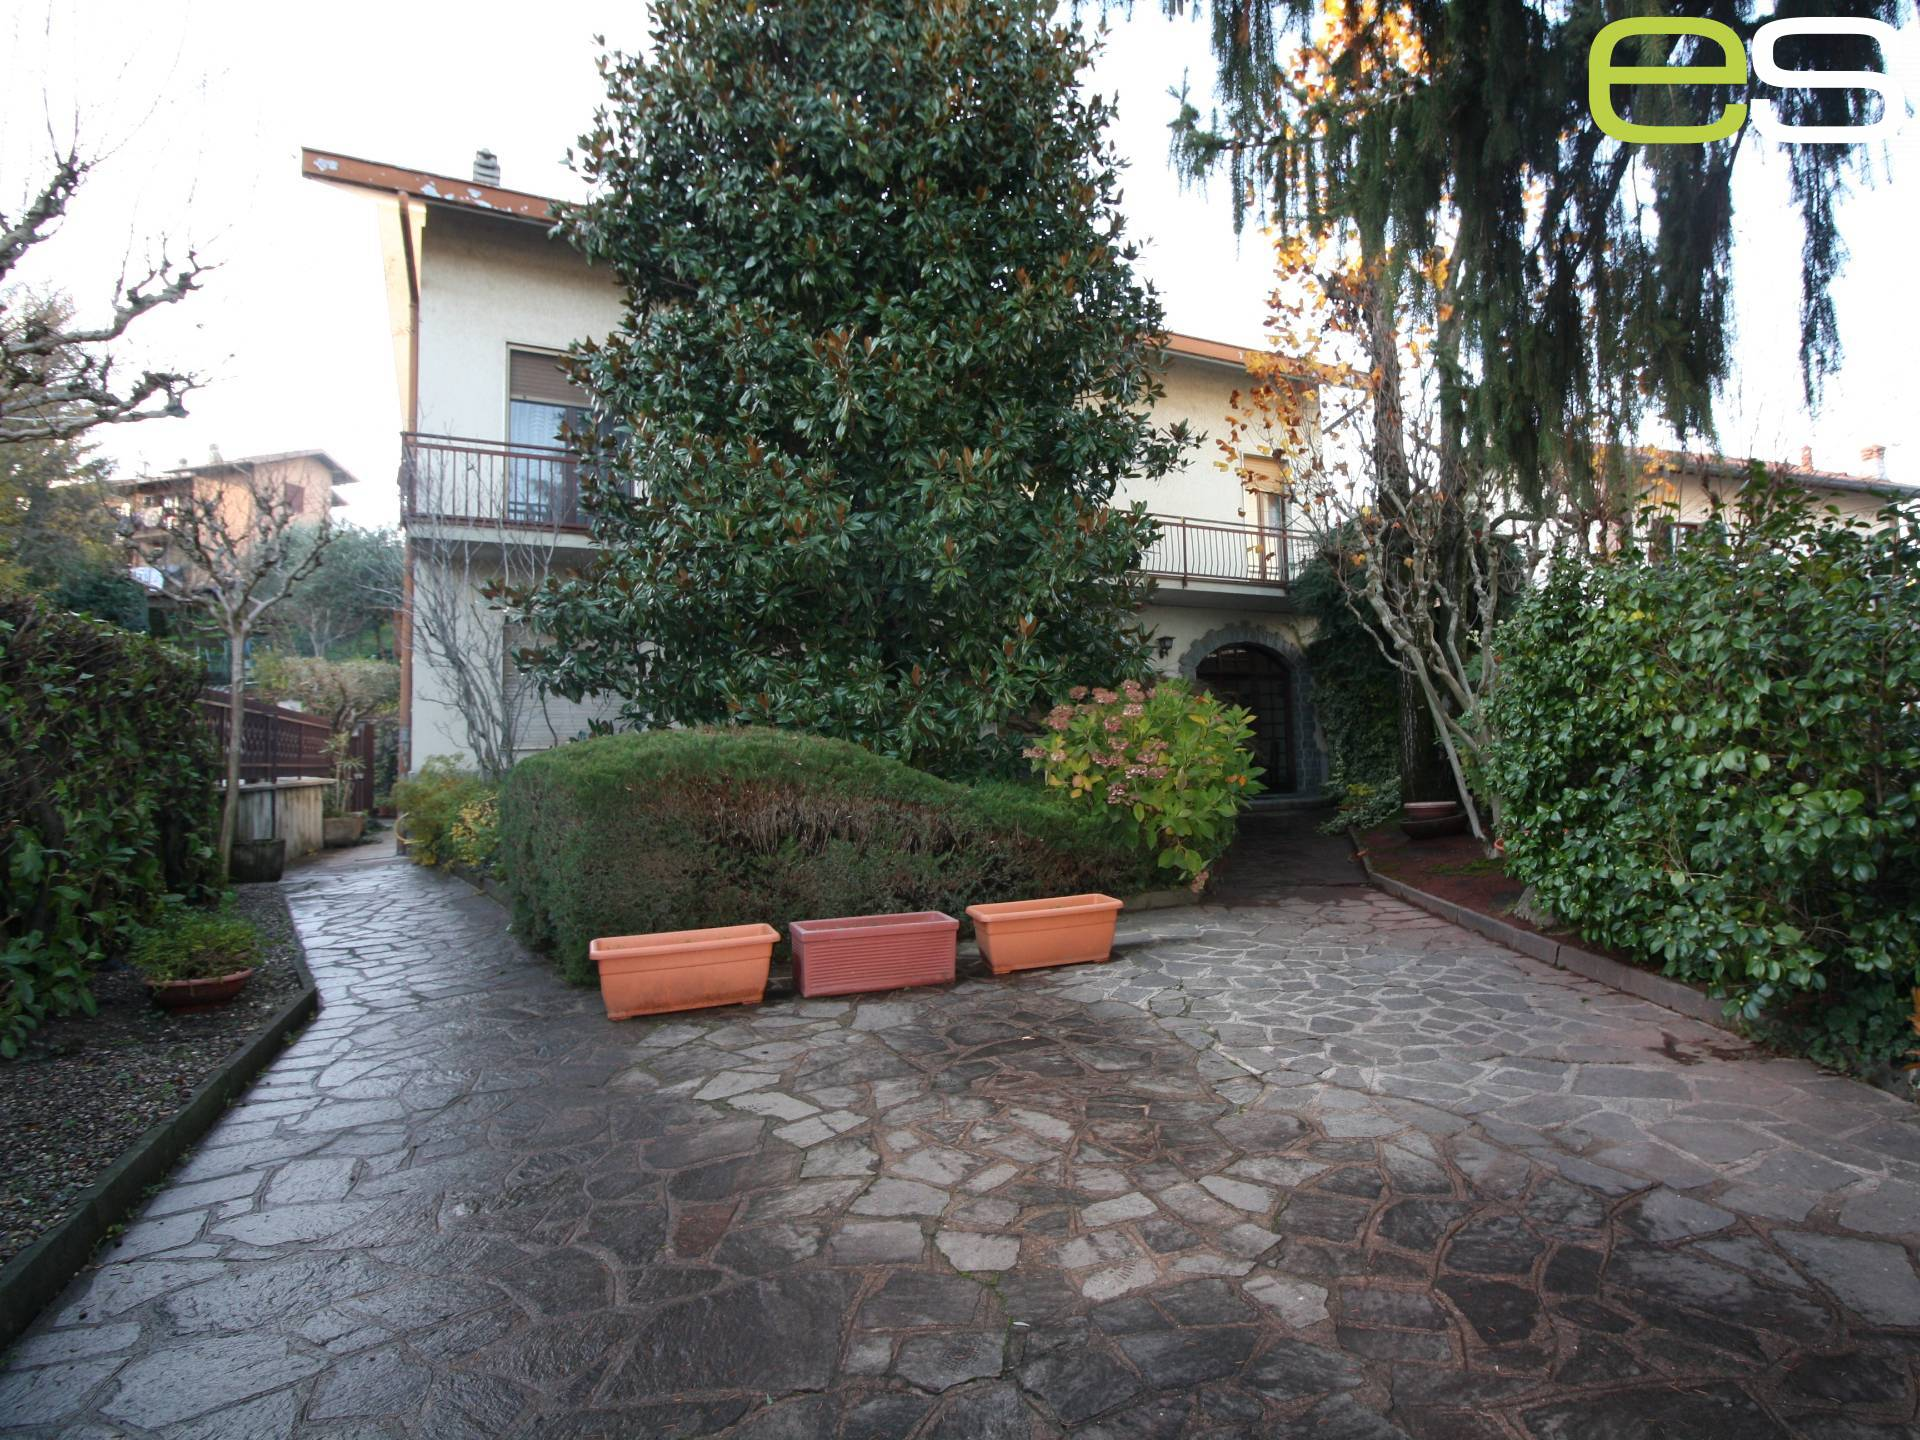 Villa in vendita a Monguzzo, 5 locali, prezzo € 276.000 | PortaleAgenzieImmobiliari.it